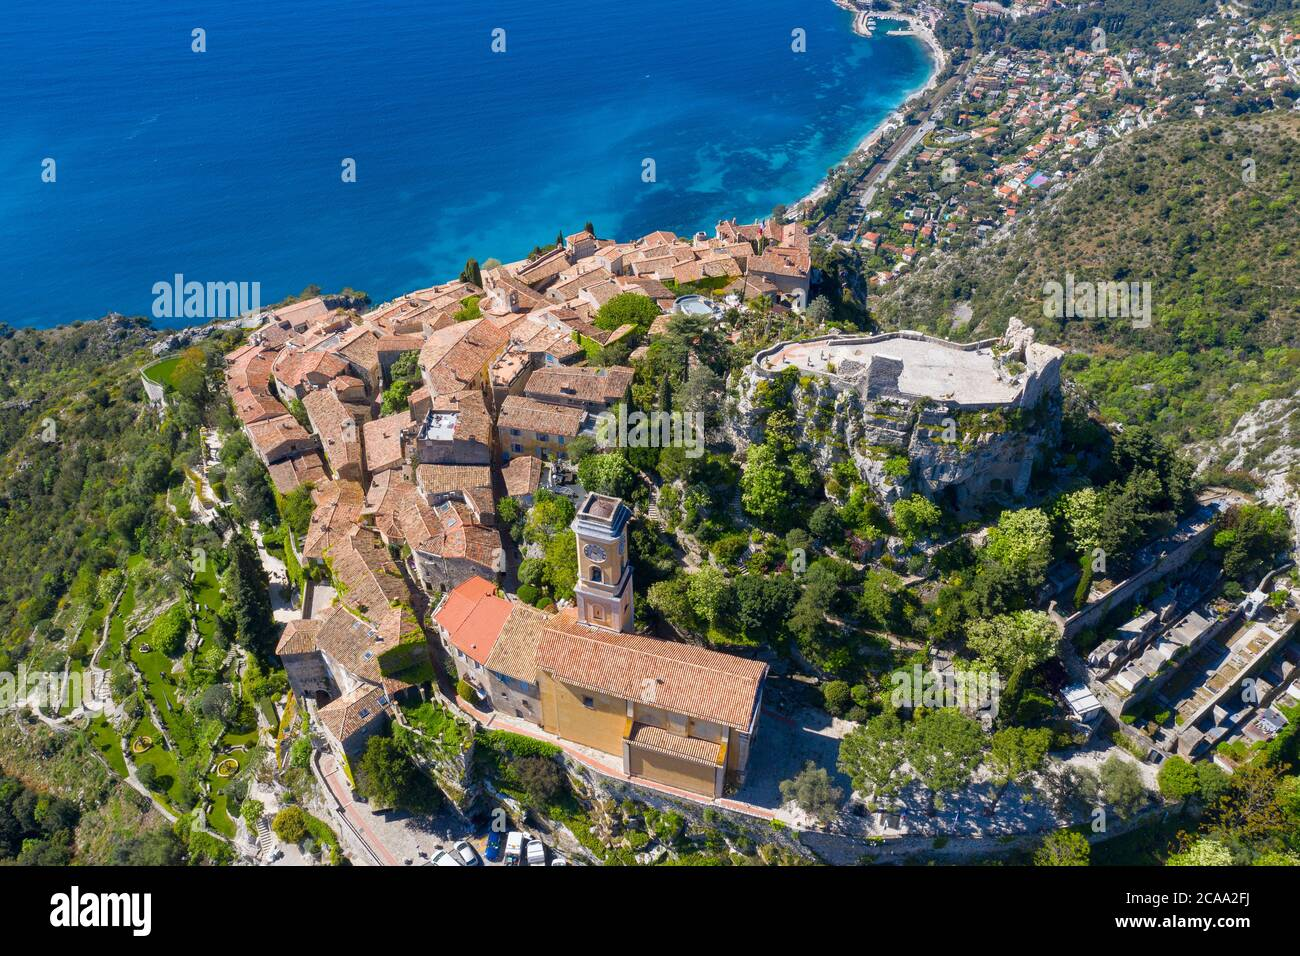 Francia, veduta aerea di Eze sulla costa azzurra, un tipico villaggio nel sud della Francia Foto Stock